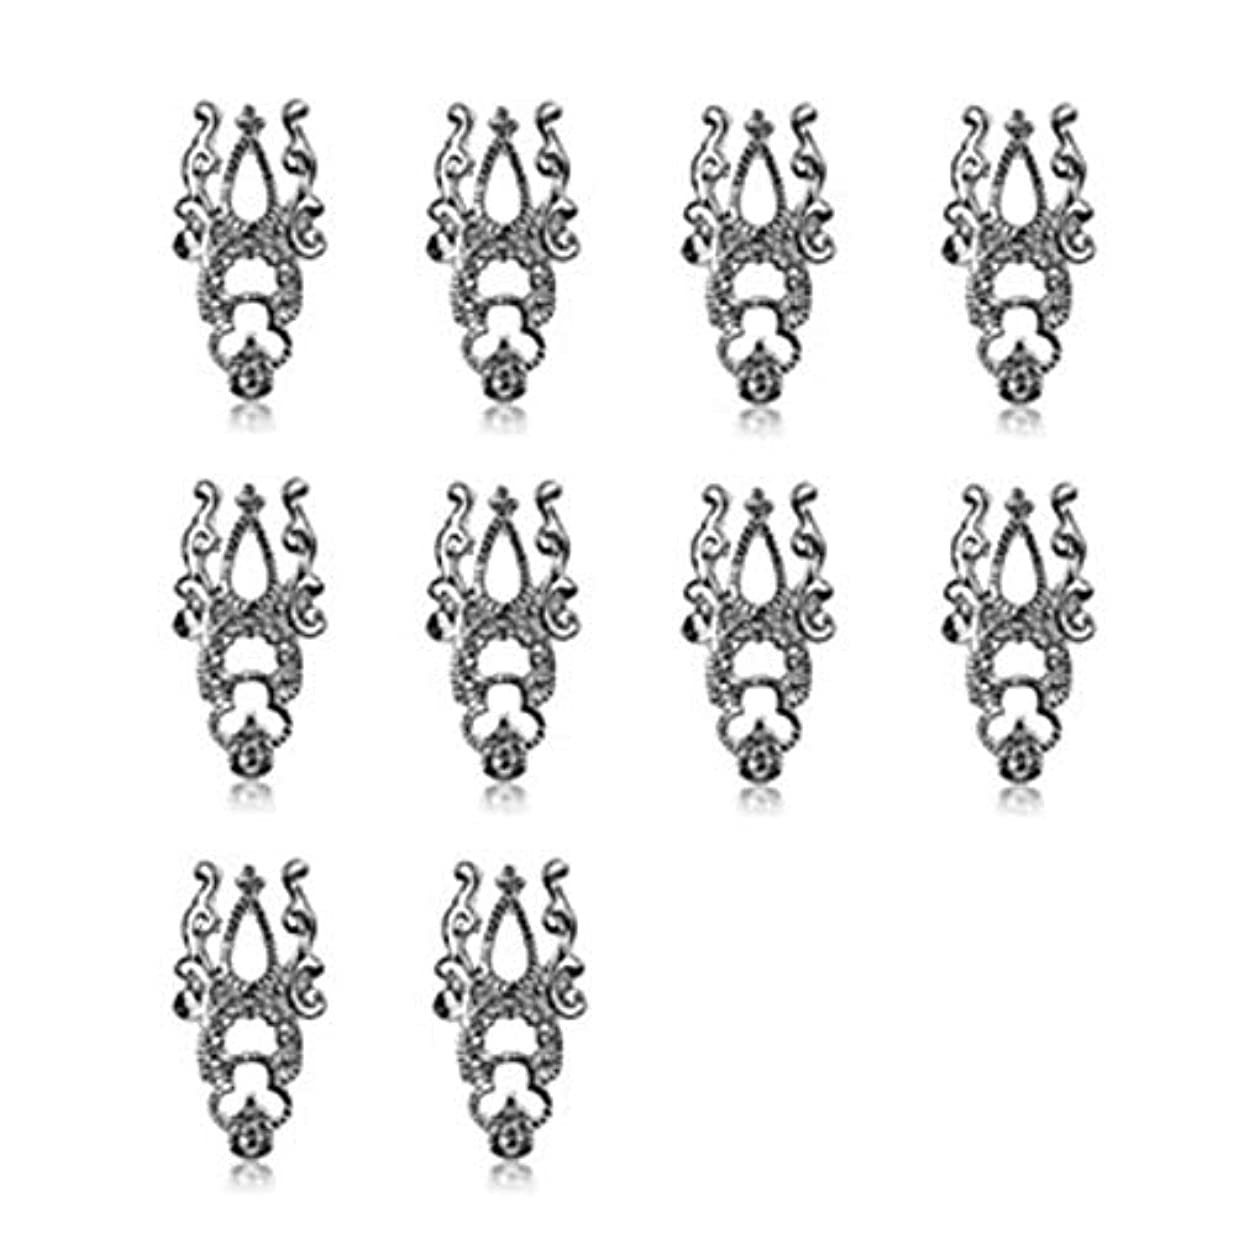 従事する見えない自分10ピース3d中空ネイルアート合金のヒント装飾ジュエリーキラキララインストーン,Silver